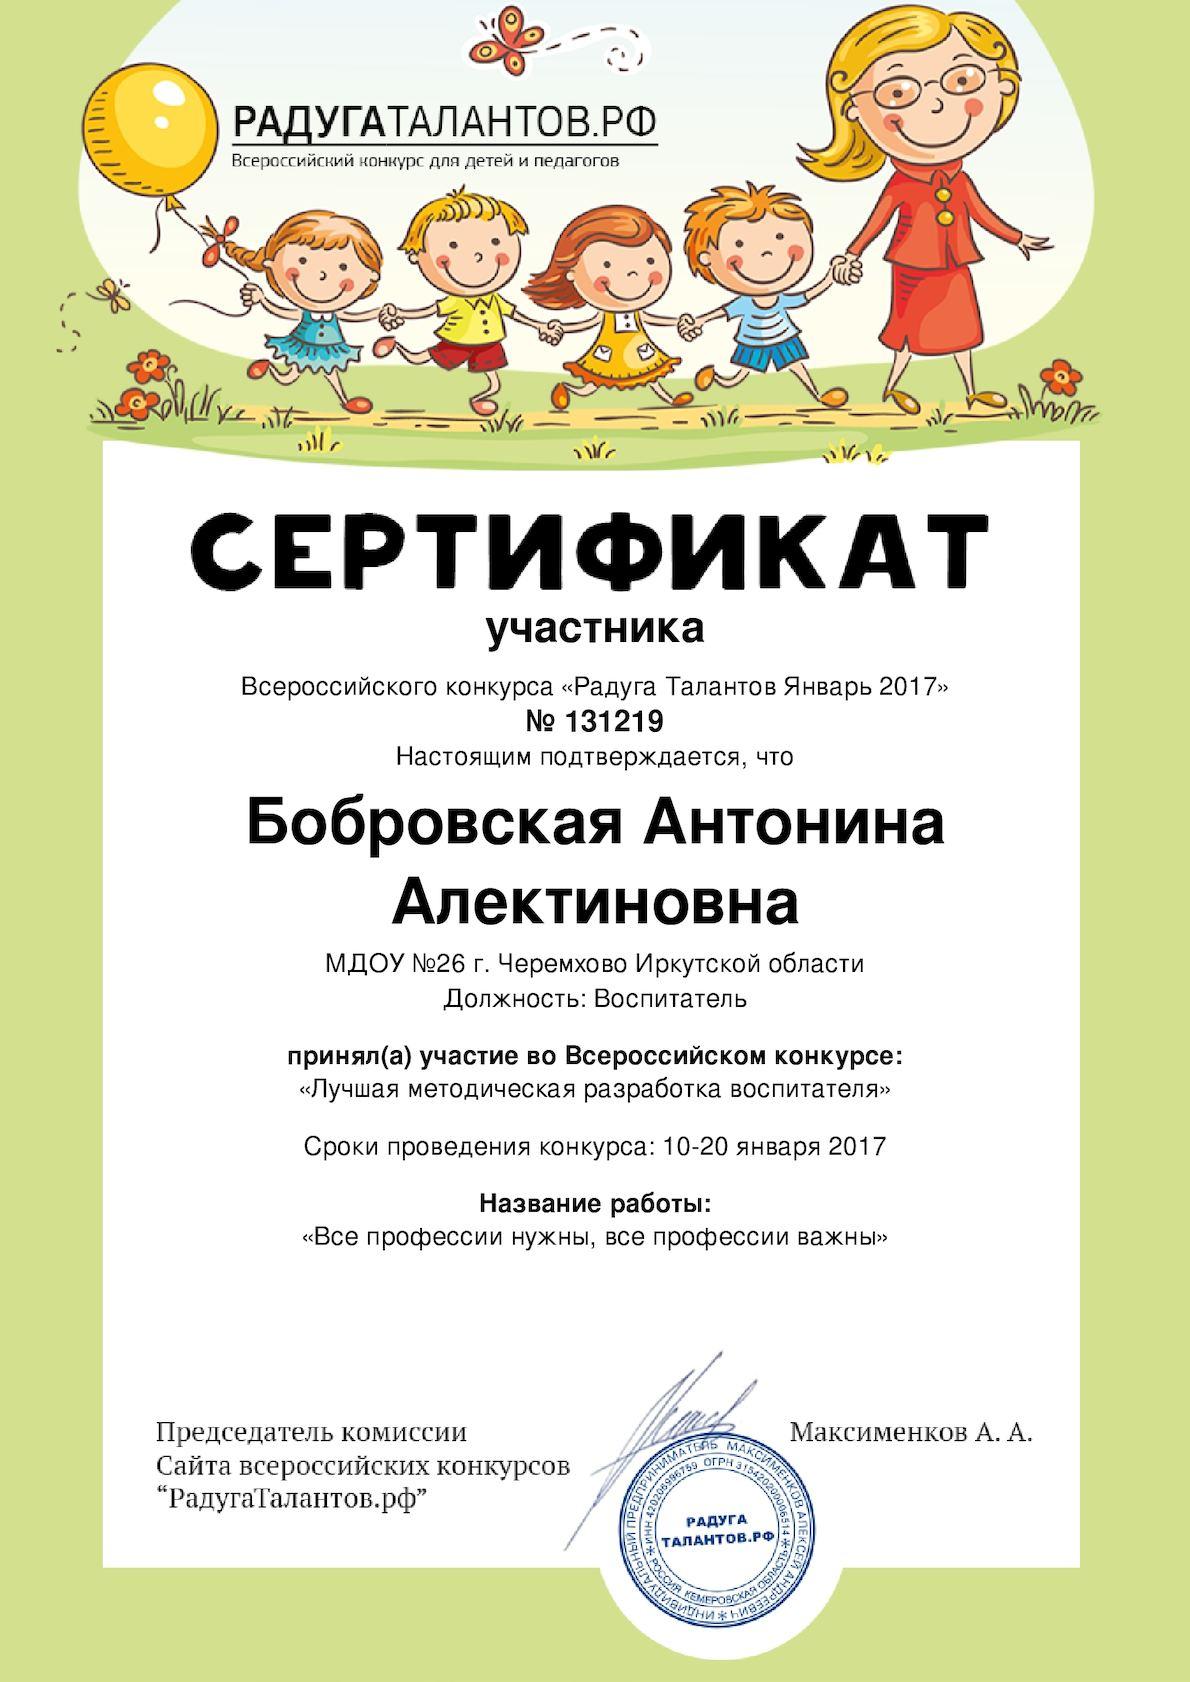 Конкурс для детей к 22 июня